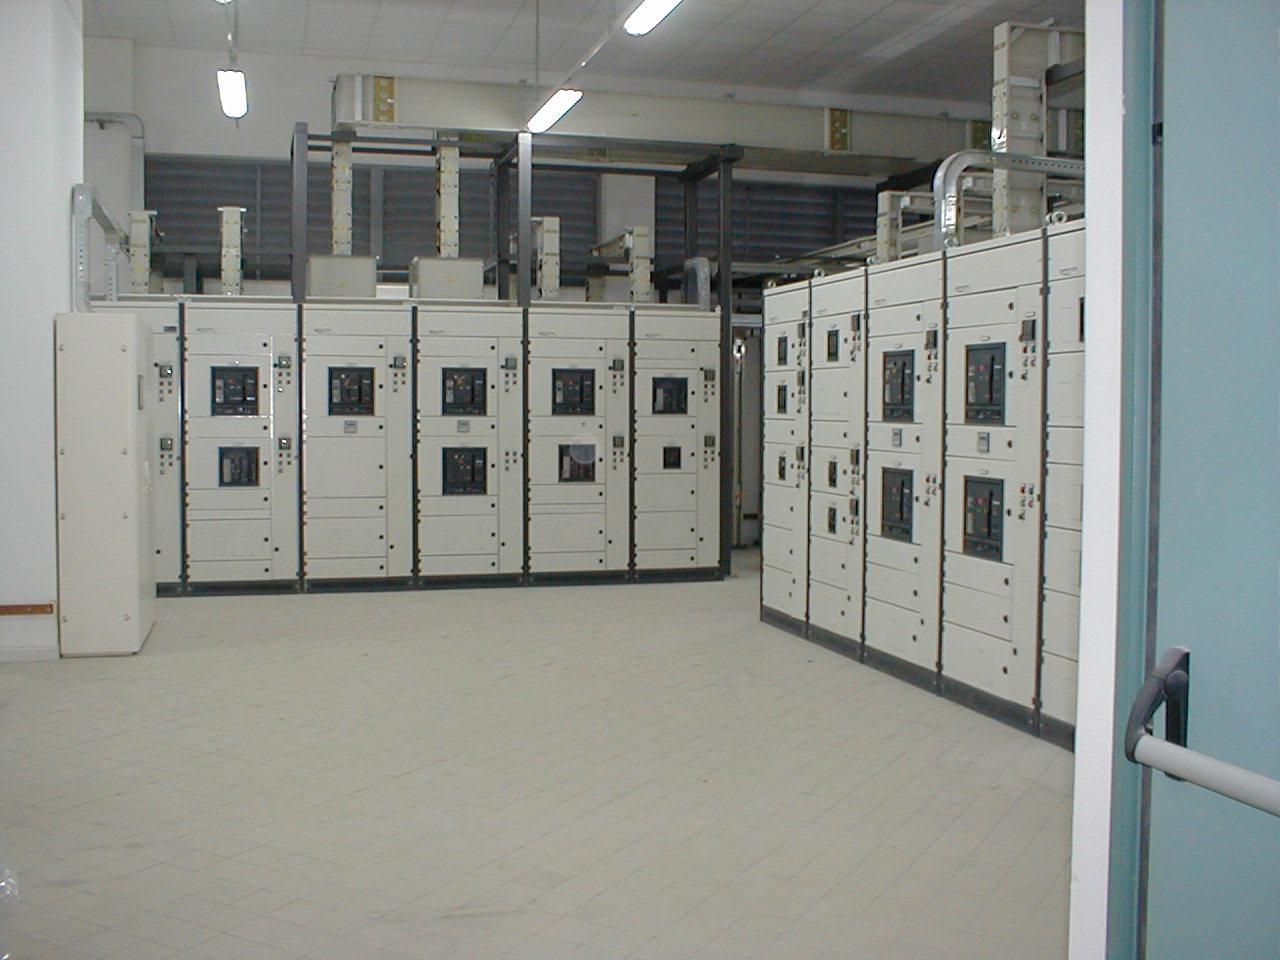 Schema Collegamento Nv10p : Di donato impiantistica elettrica industriale realizzazioni